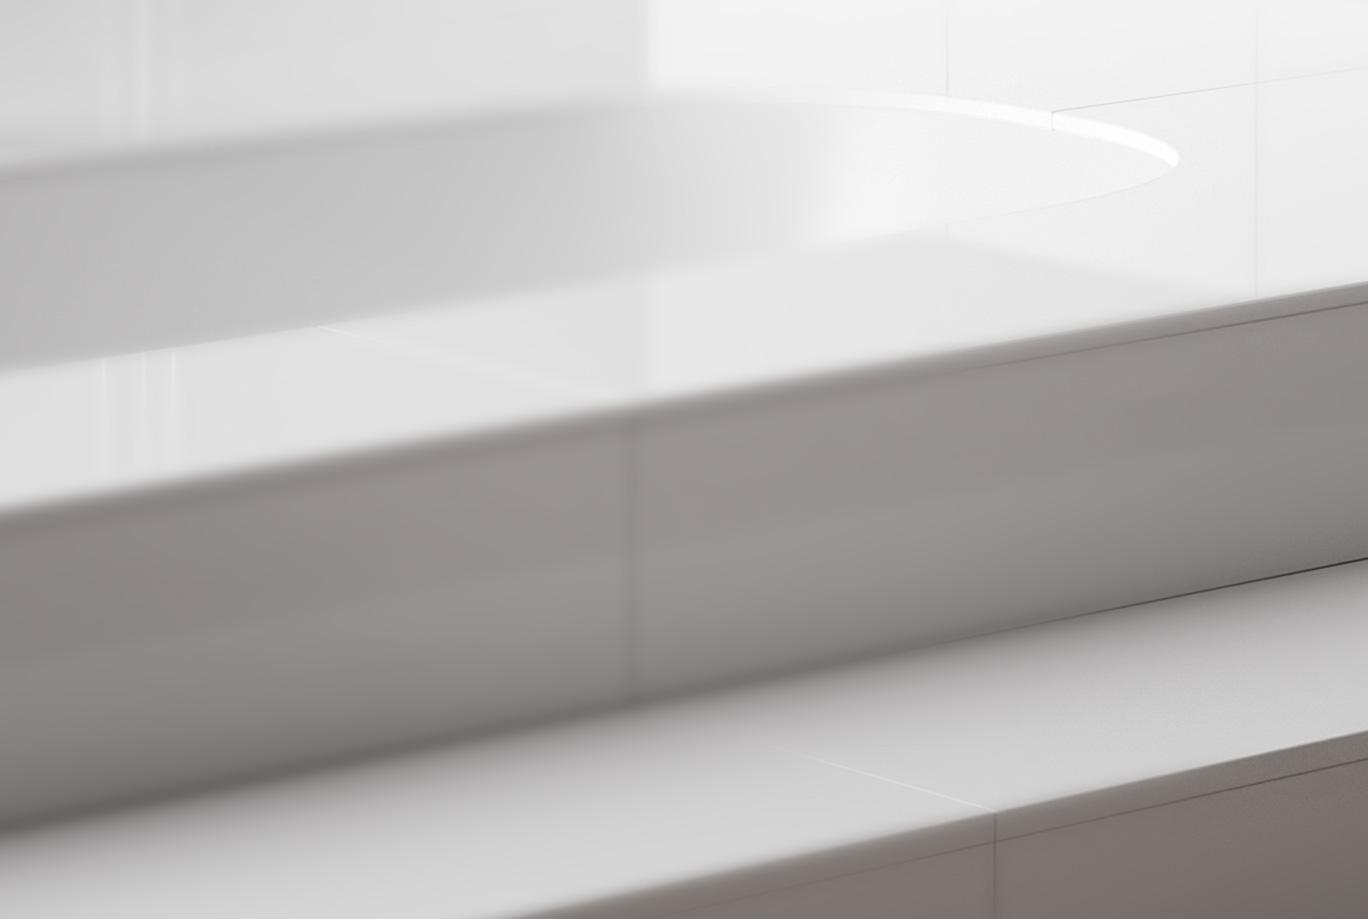 wie kann man es putzen opalite das badezimmer design. Black Bedroom Furniture Sets. Home Design Ideas